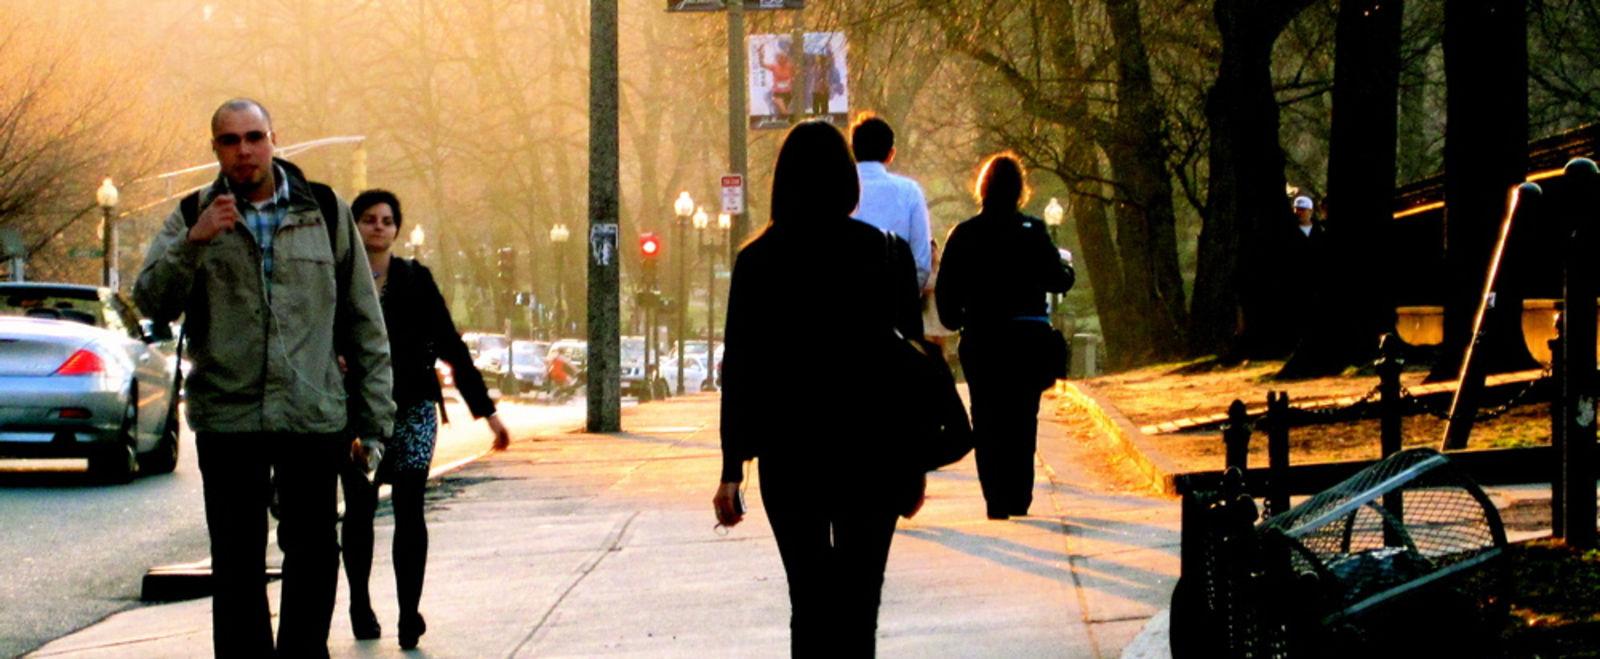 People Walking in Boston